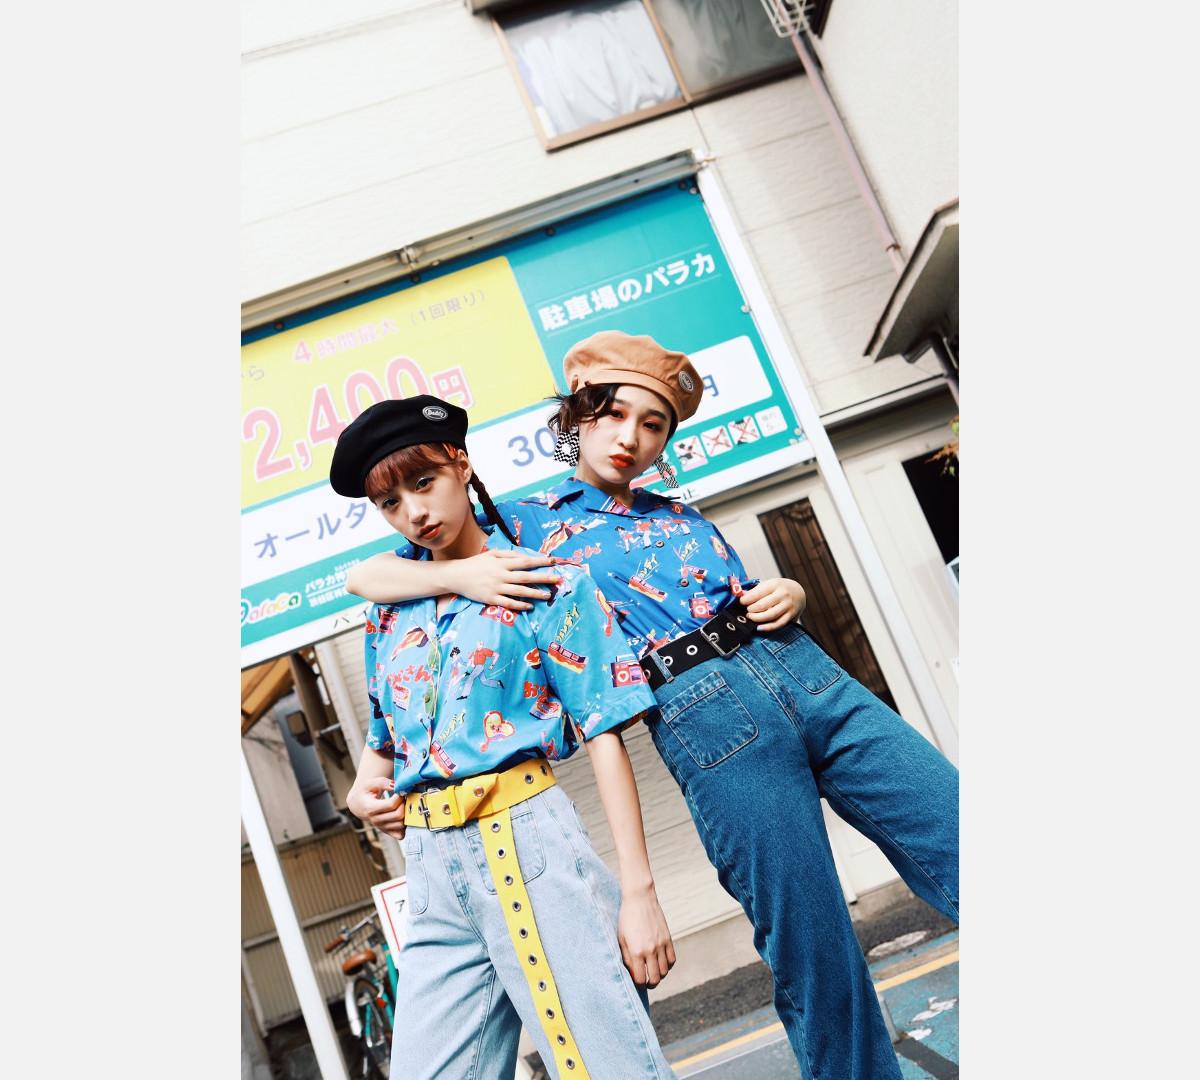 タイの若者に絶大の人気インスタグラム発のファッションブランドの「ダディ・アンド・ザ・マッスル・アカデミー」がラフォーレ原宿にてポップアップショップを開催!